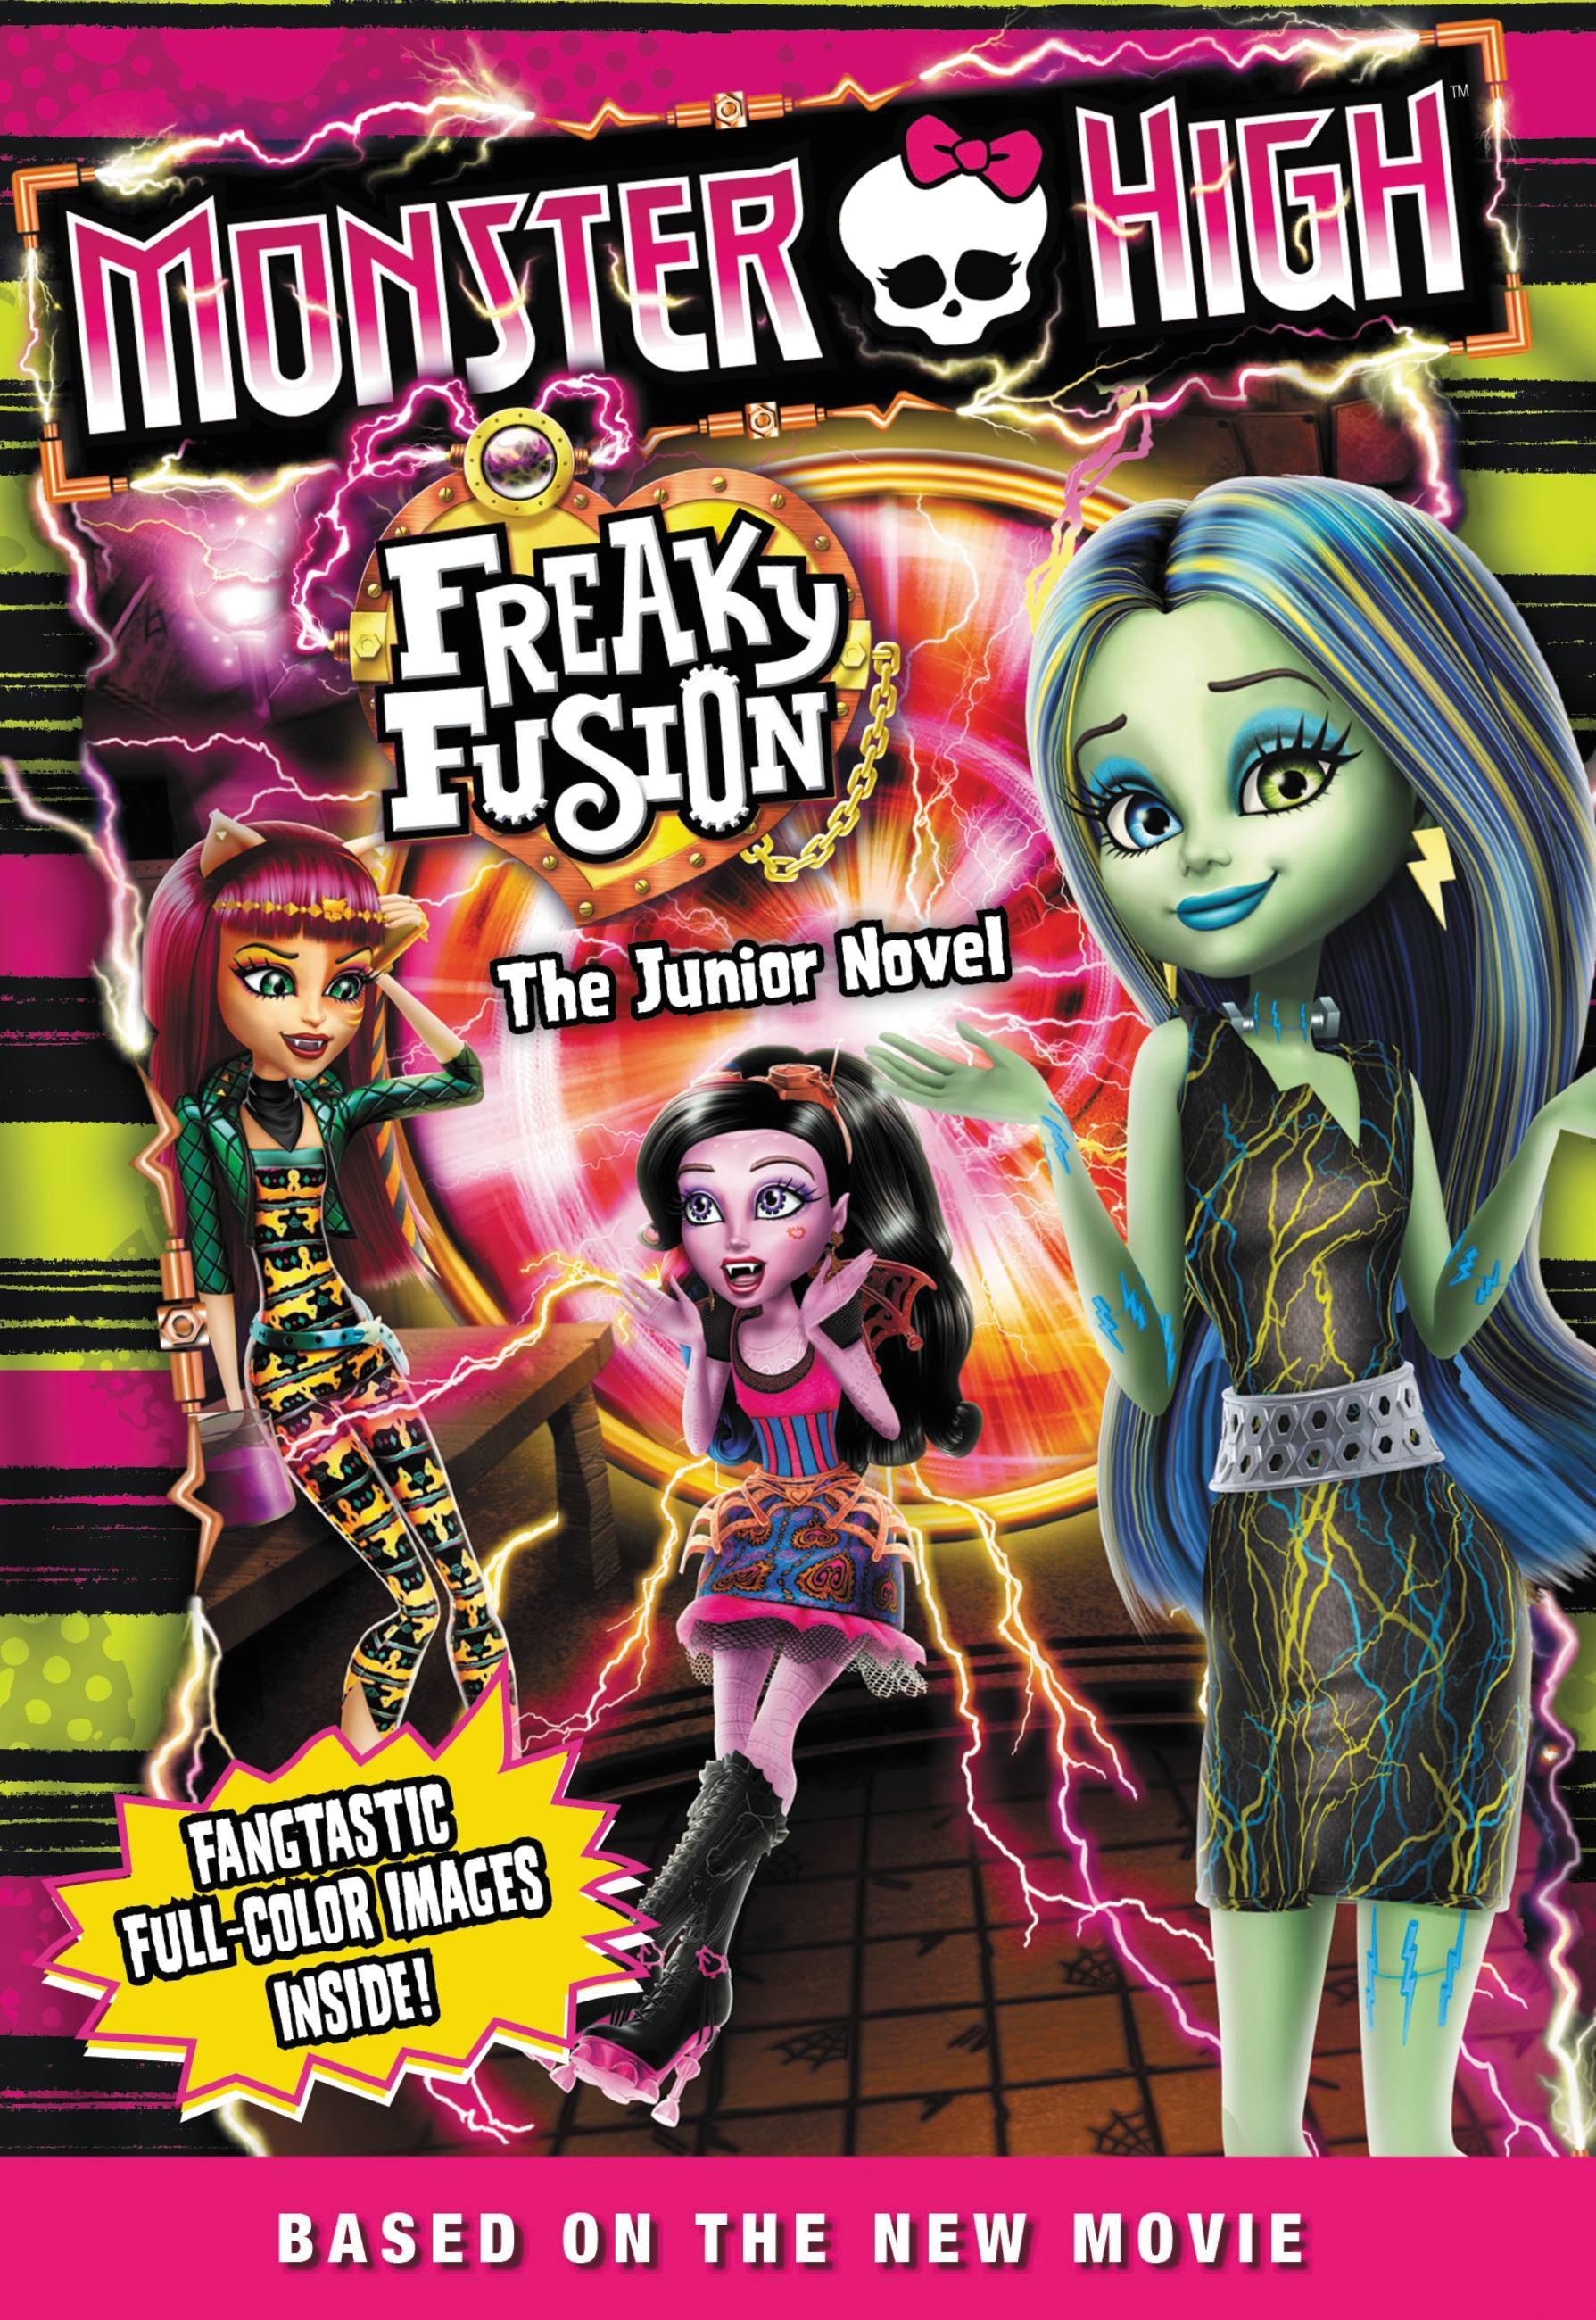 Monster High Freaky Fusion The Junior Novel By Perdita Finn